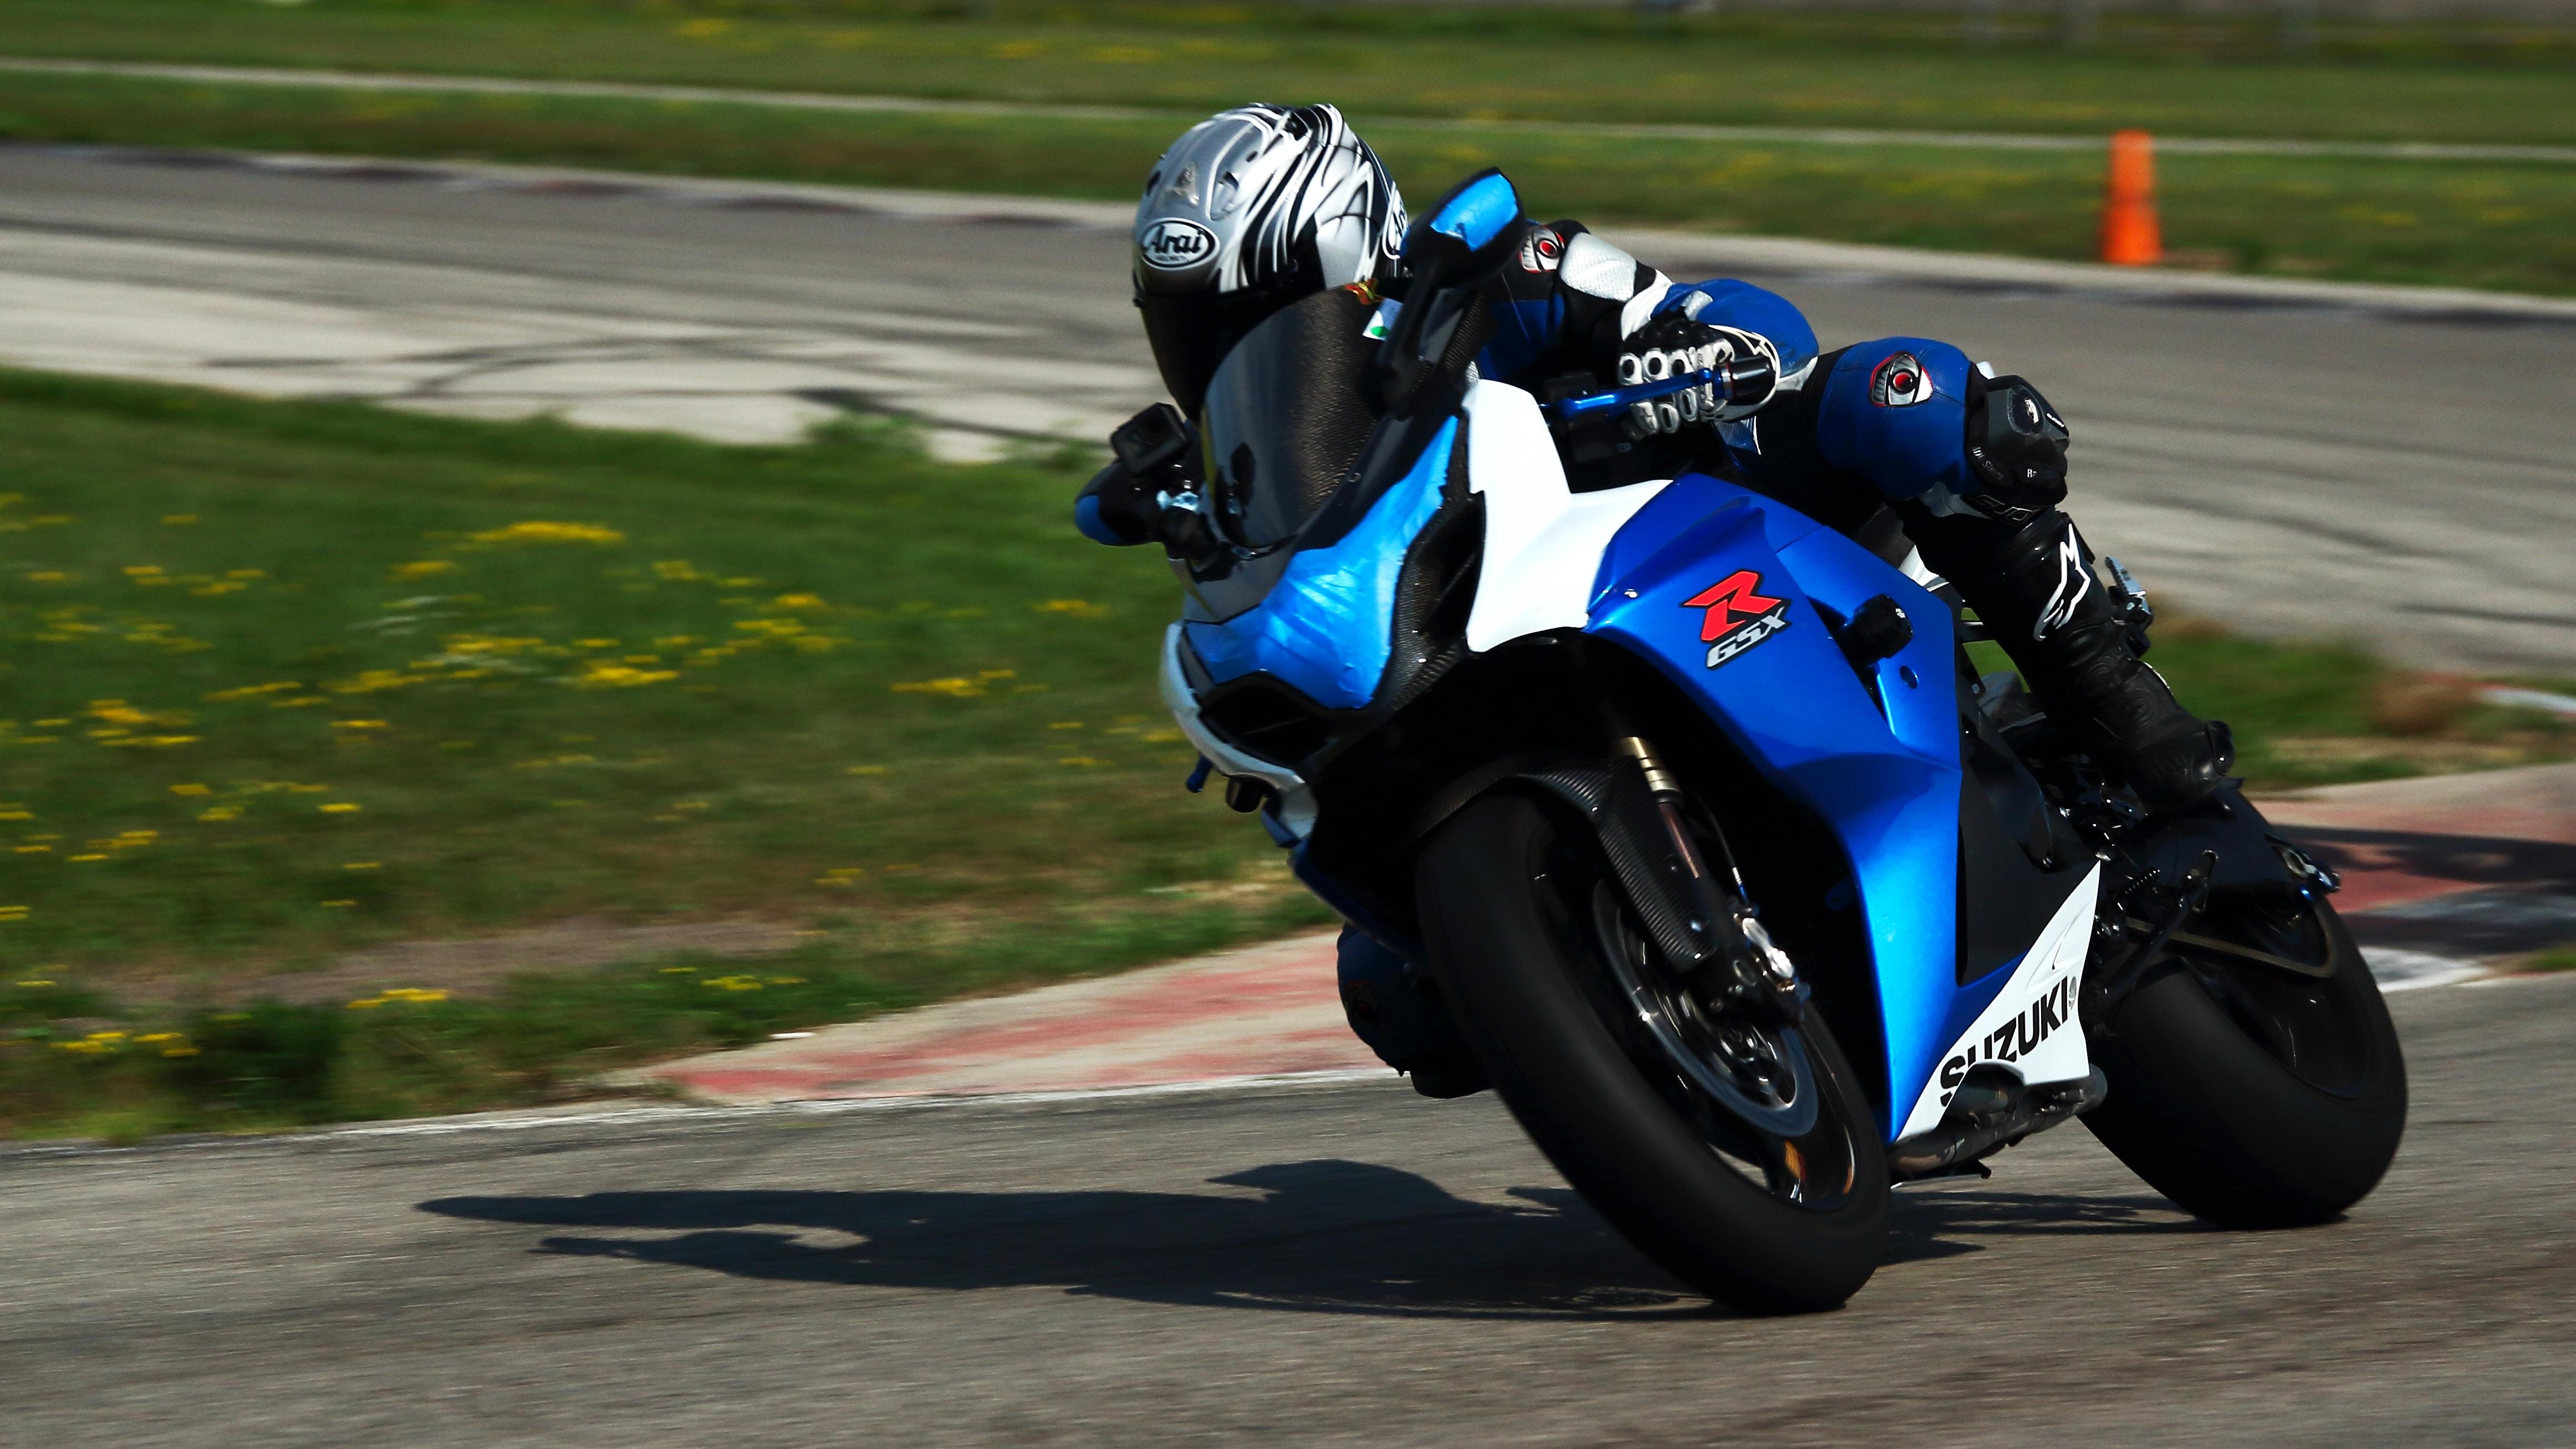 man wearing motor gear riding sport bike